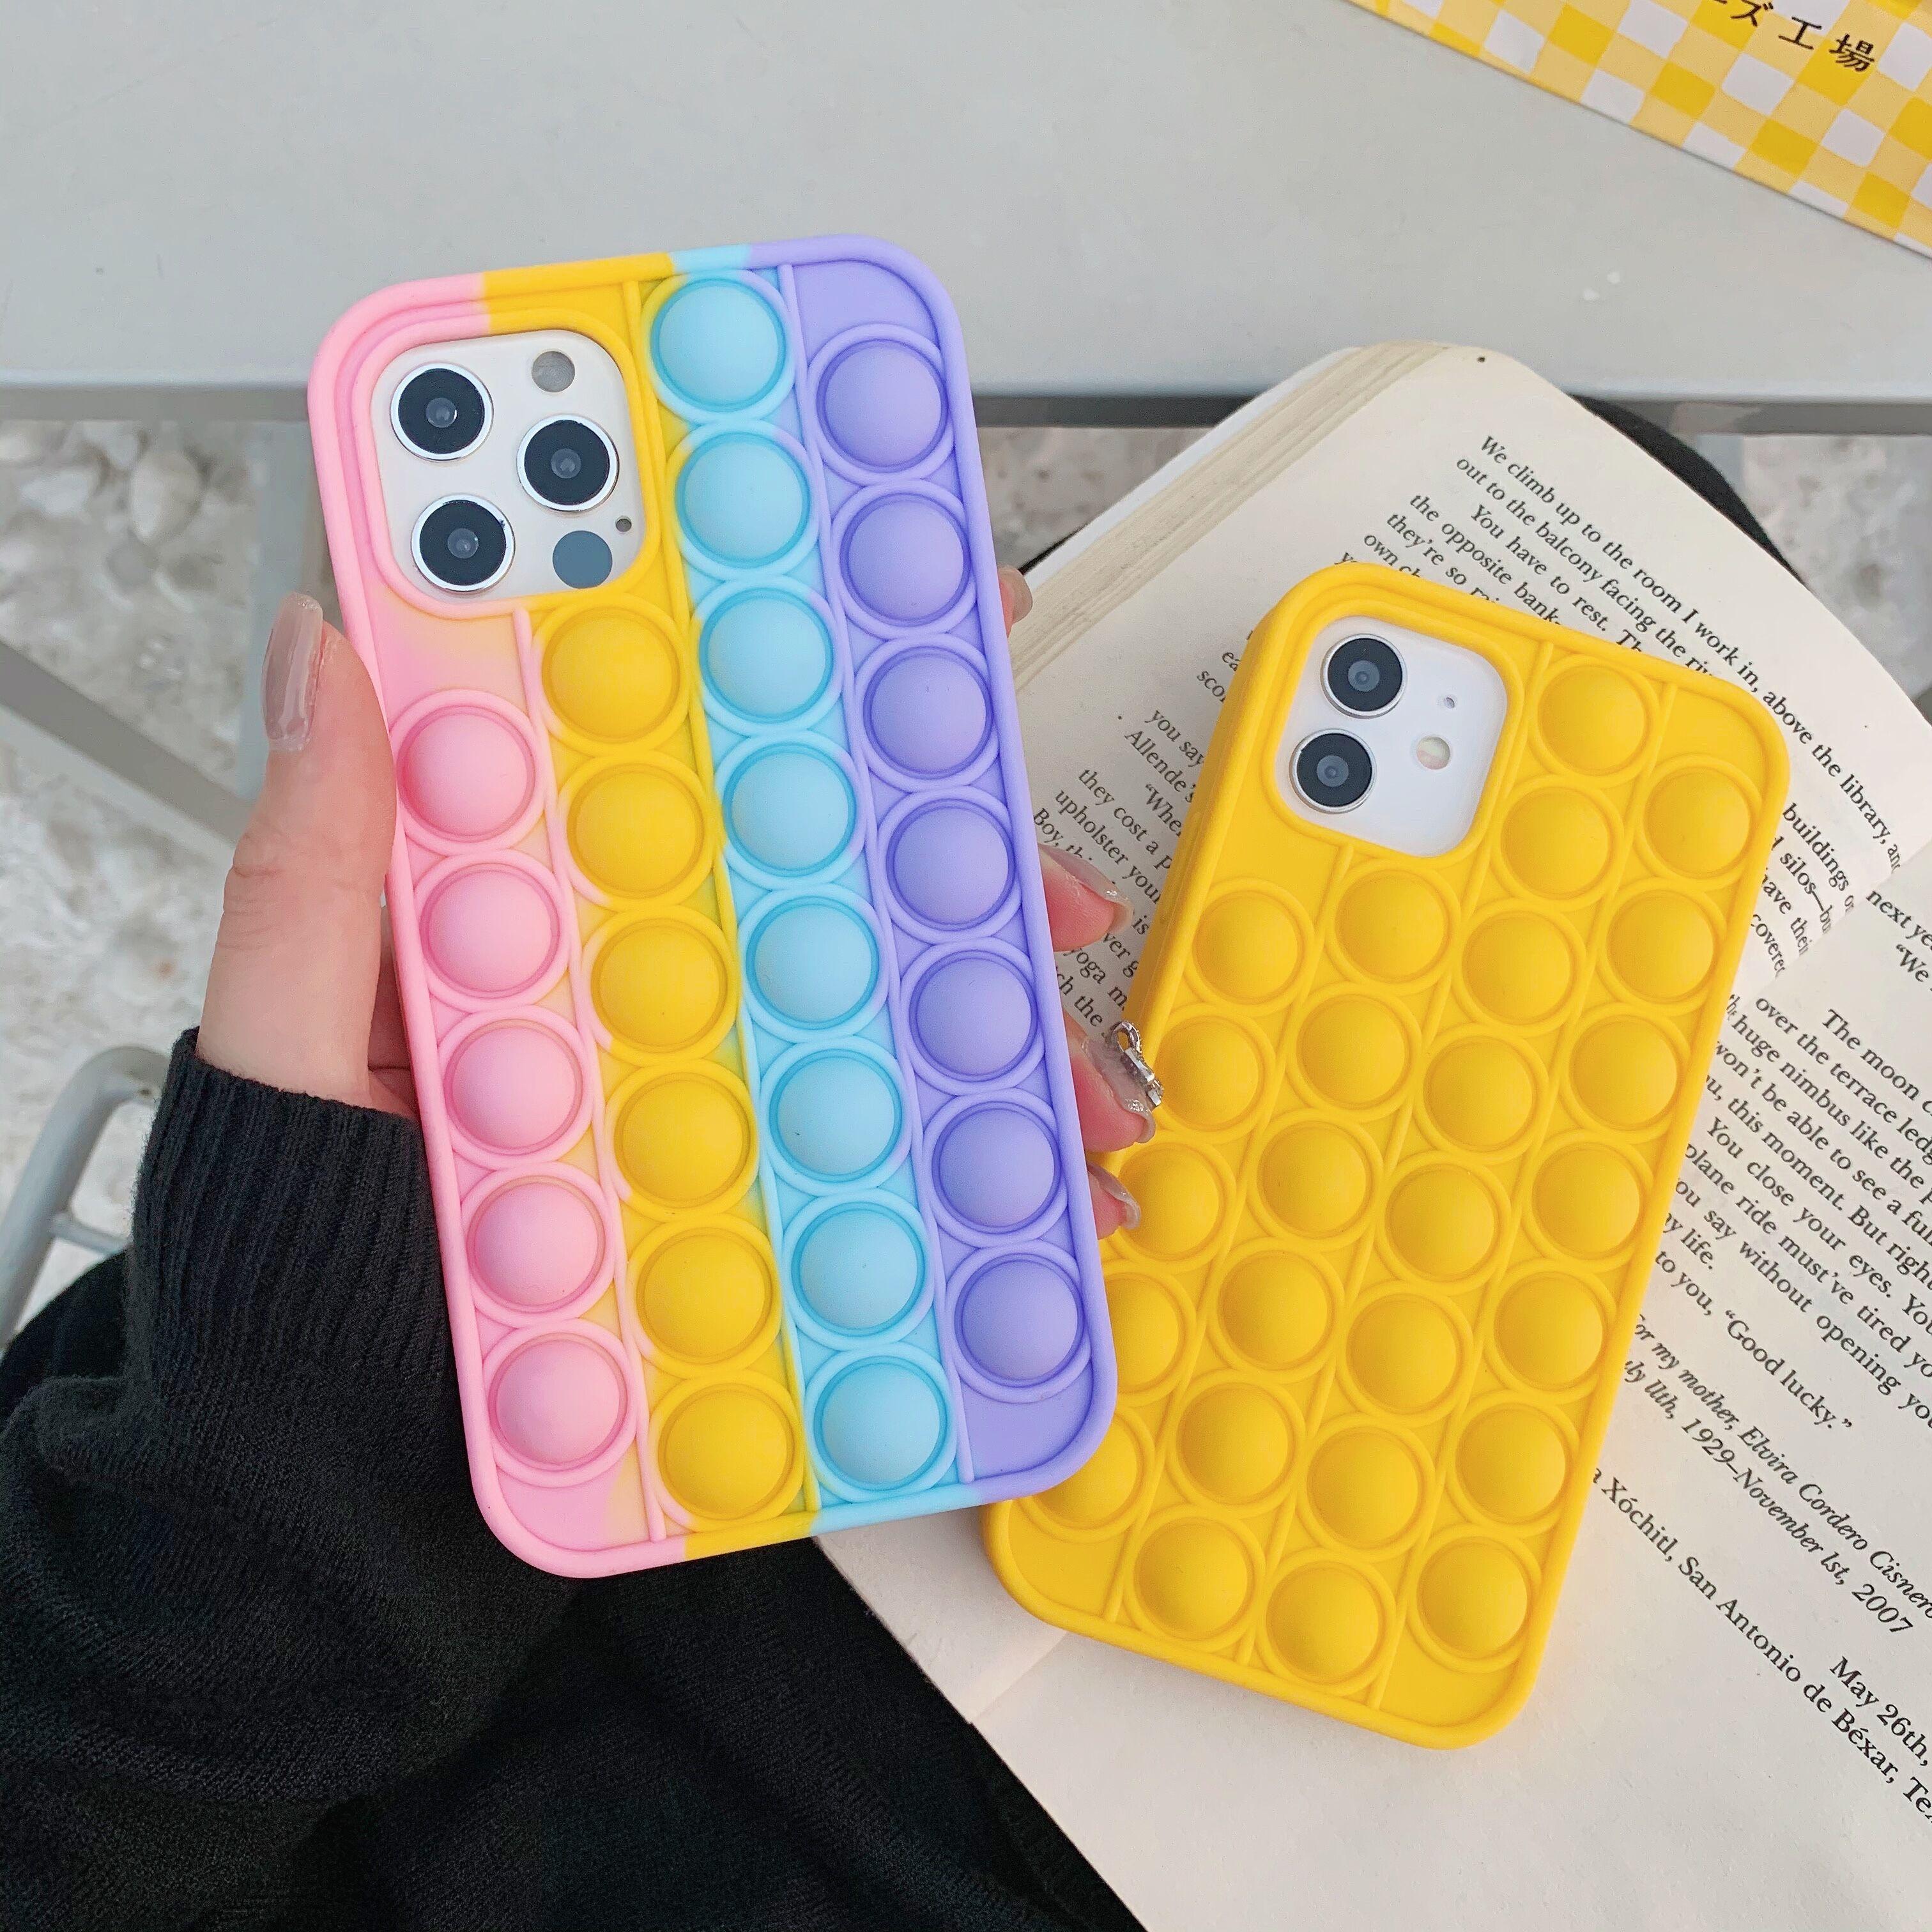 Coque en Silicone antichoc couleur arc-en-ciel pour iPhone, pour modèles 11, 12 Pro Max, 7, 8 Plus, X, XR, XS Max, 4, 4s, 5, 5s